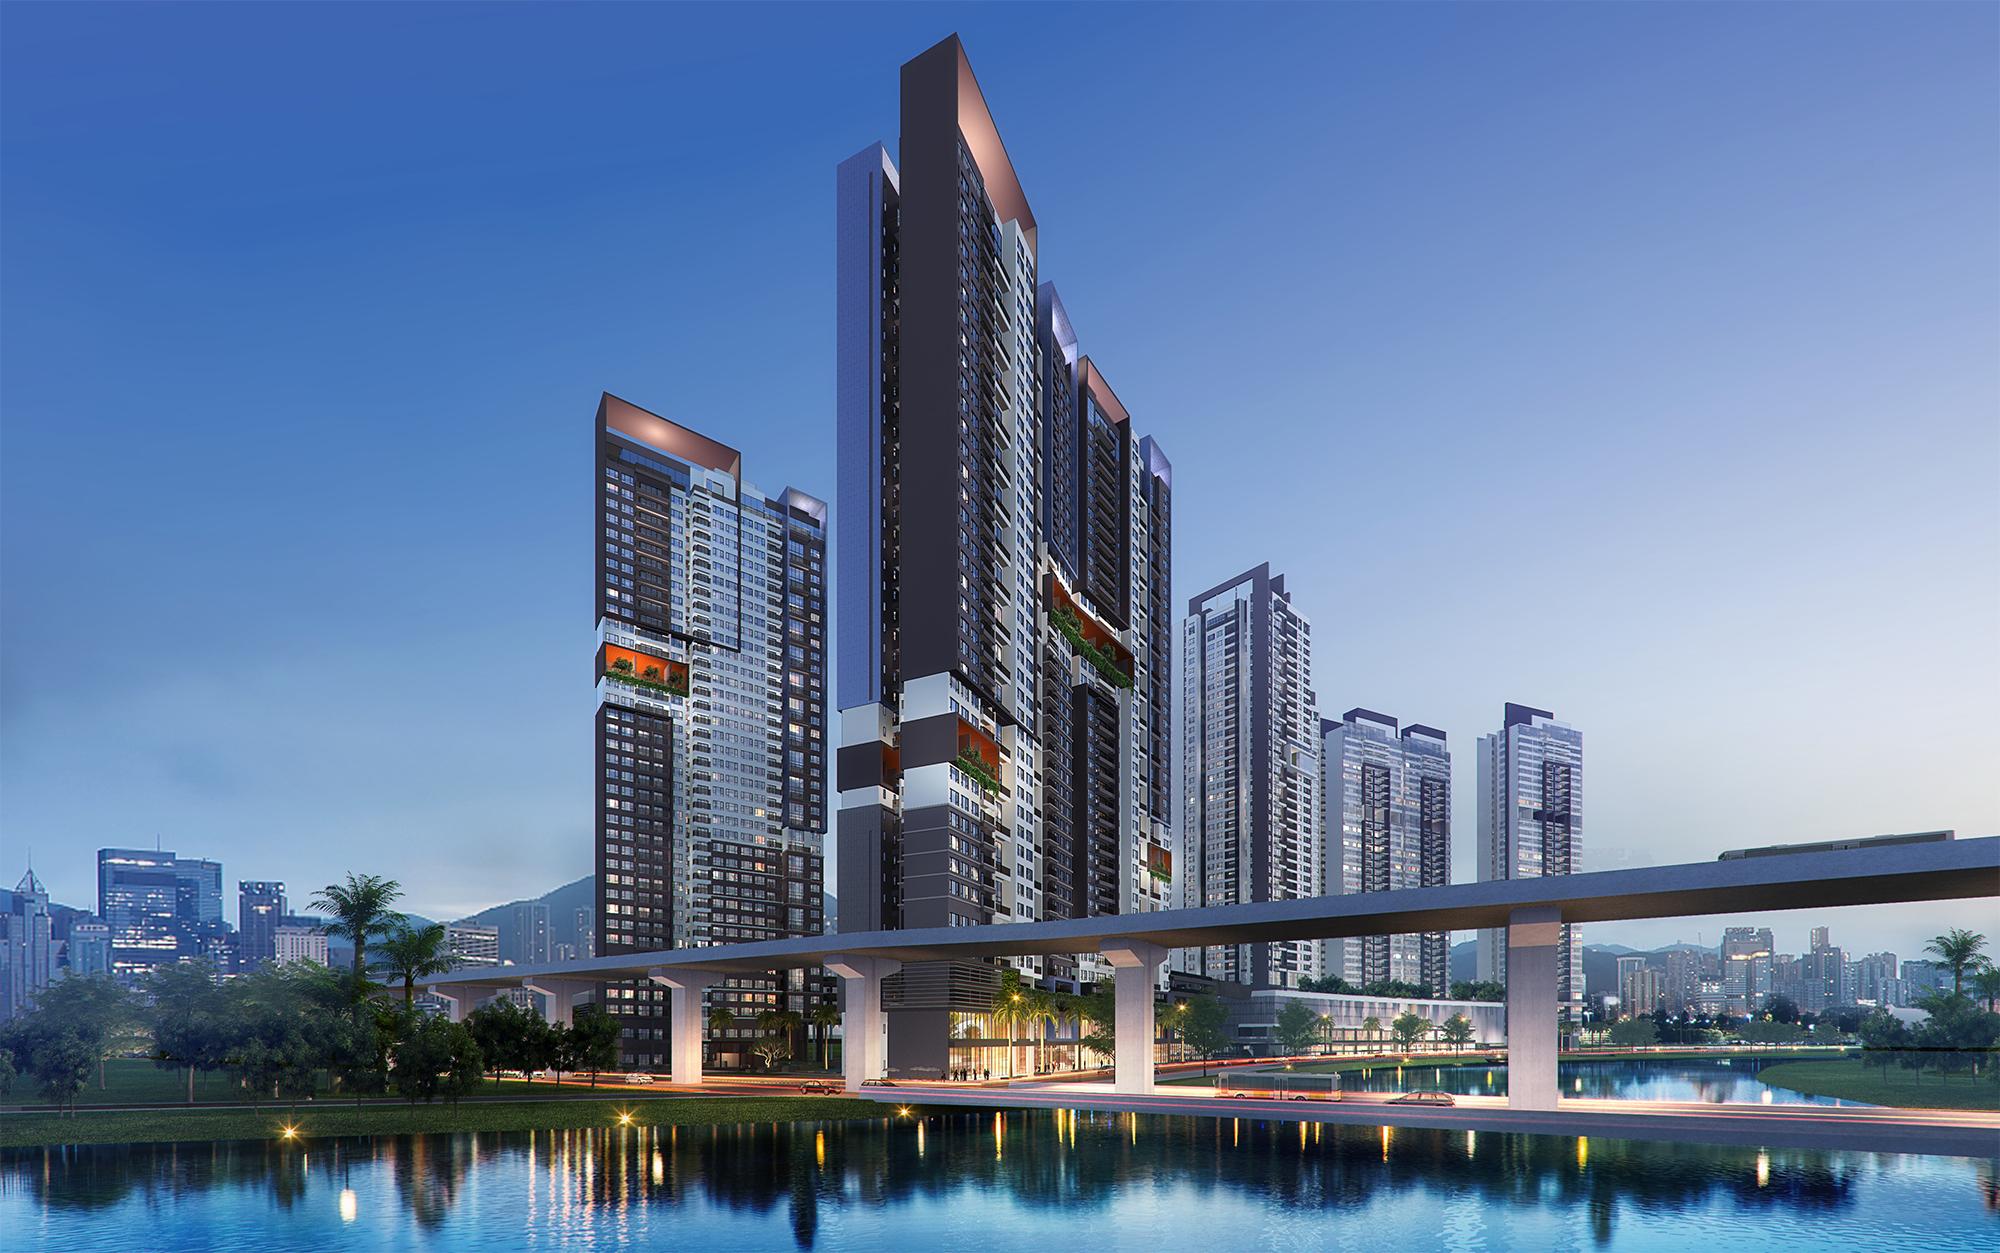 Dự án căn hộ cao tầng phong nhữngh Hawaii, sức hút mới trên phân khúc quận 7 - Ảnh 1.